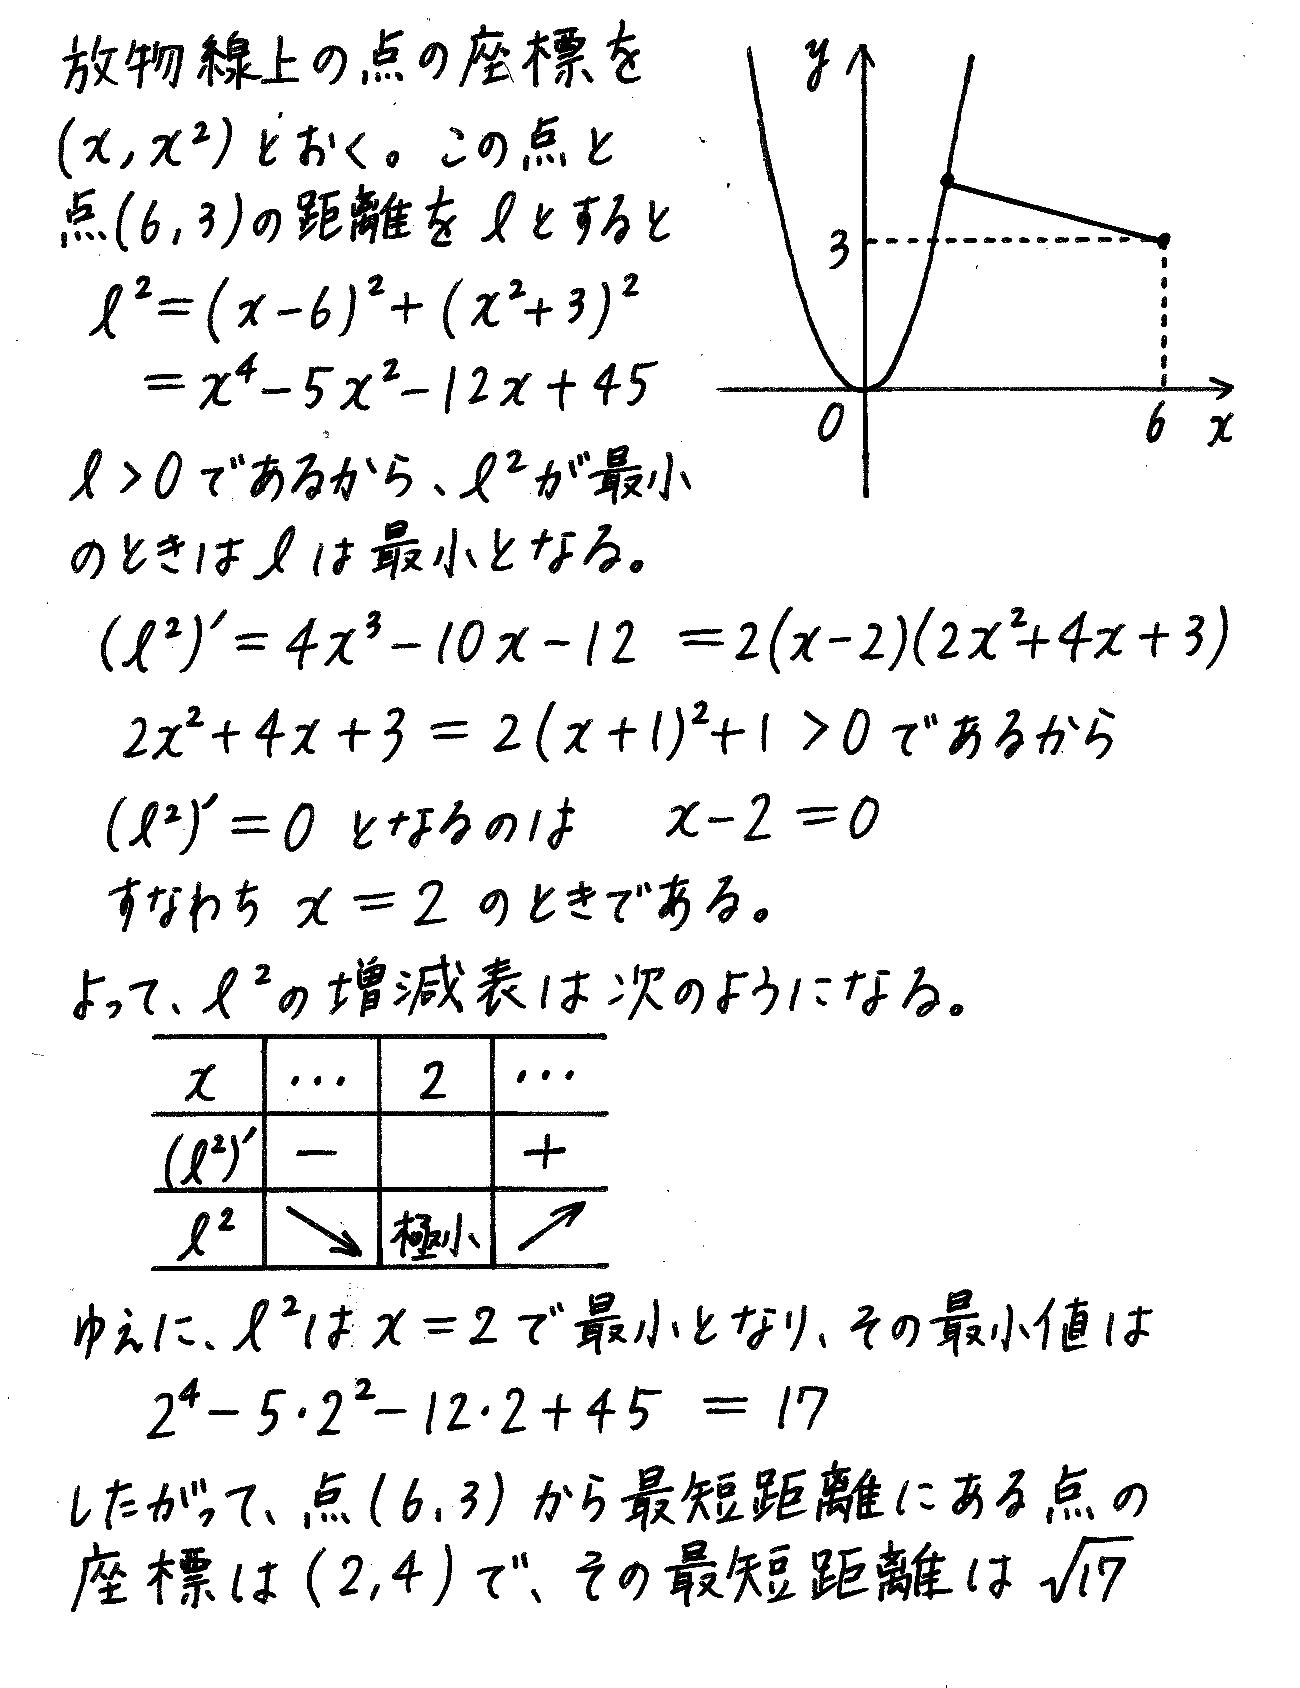 4STEP数学2-439解答